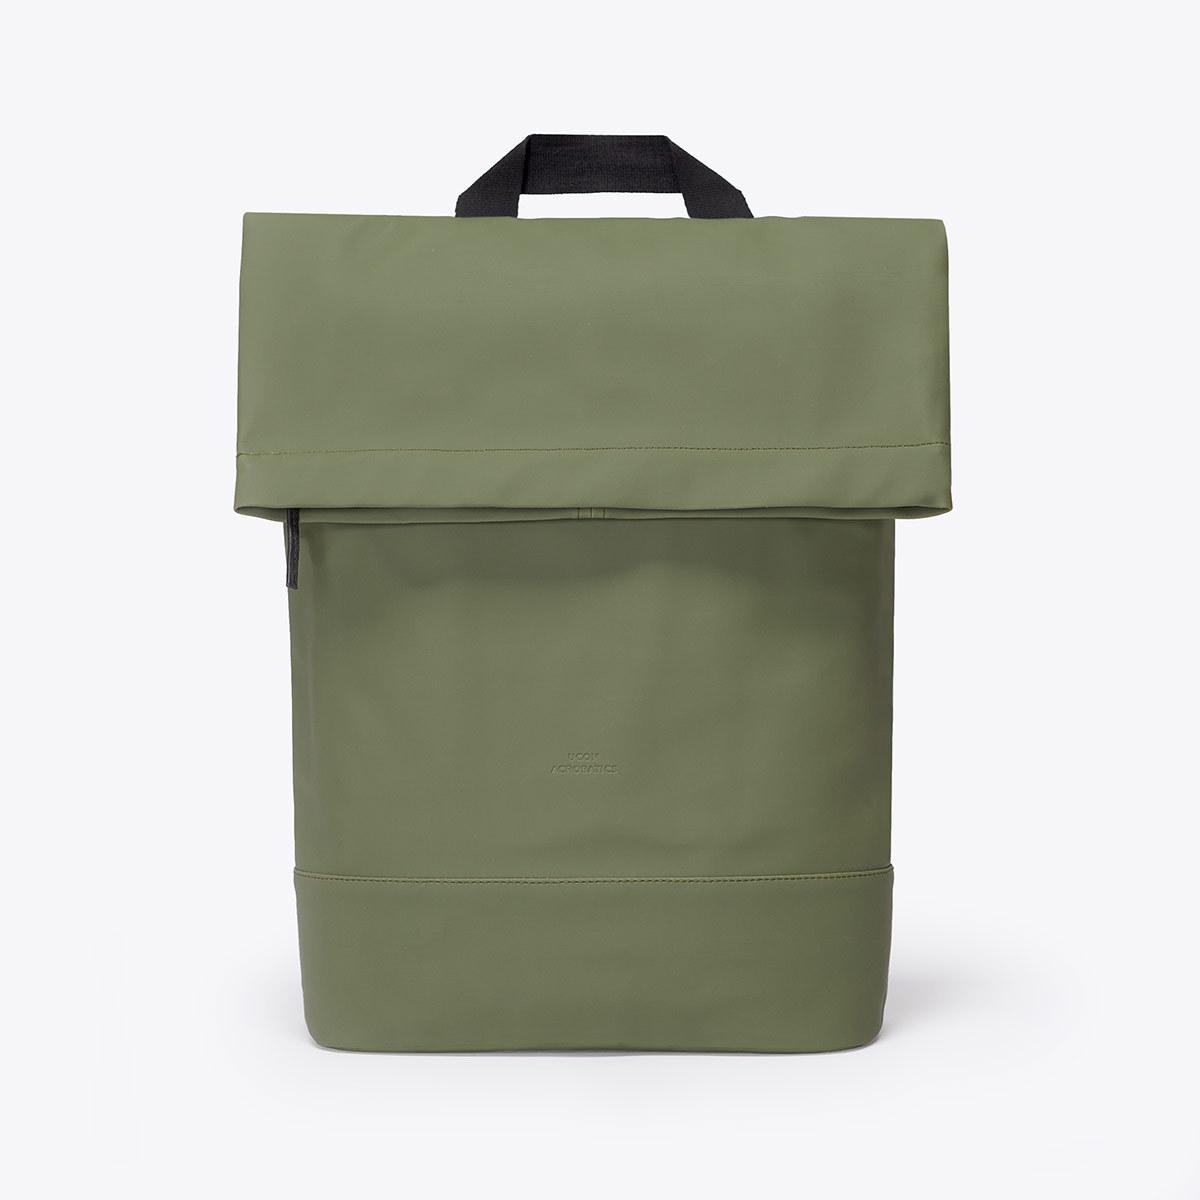 UA_Karlo-Backpack_Lotus-Series_Olive_01.jpg